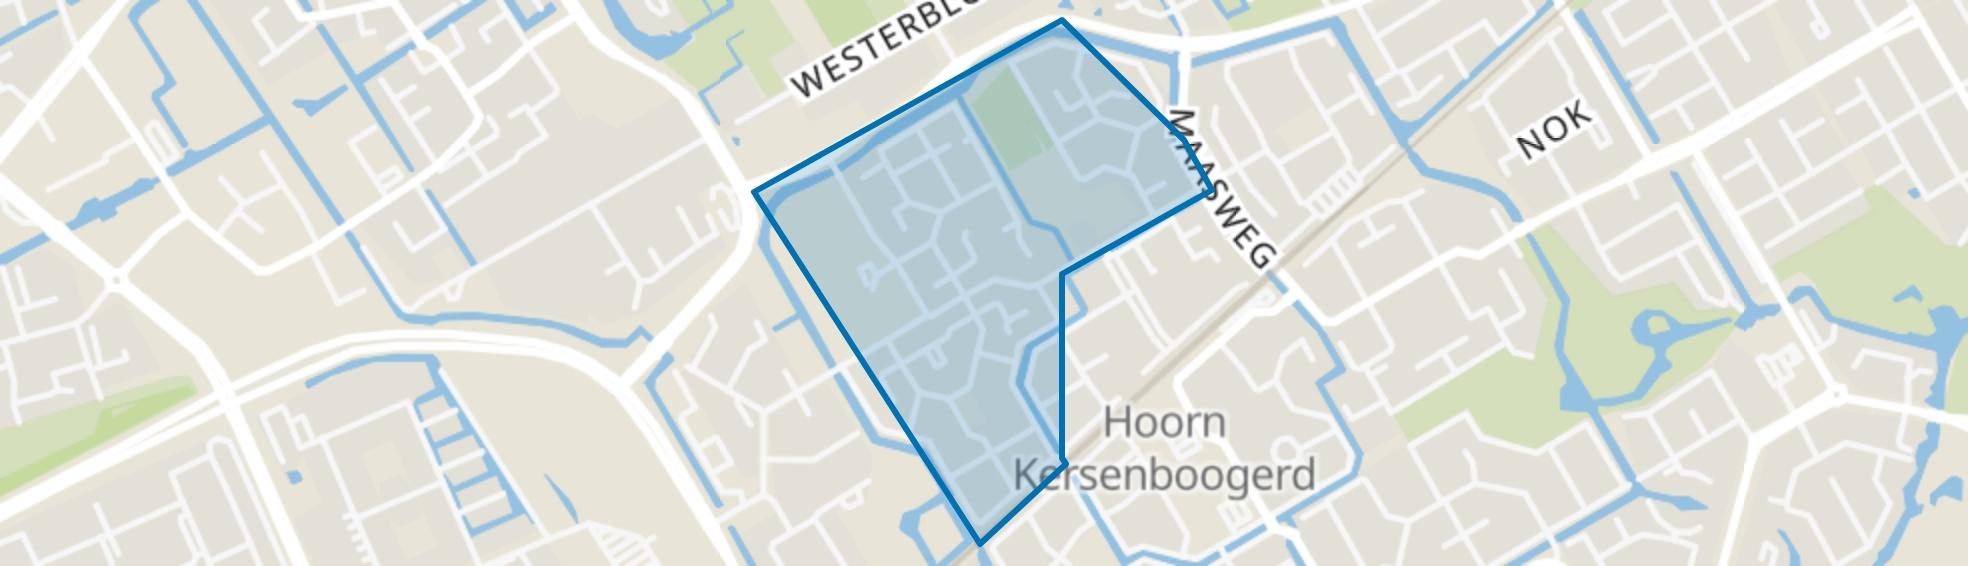 Kersenboogerd-Noord - Buurt 32 01, Hoorn (NH) map